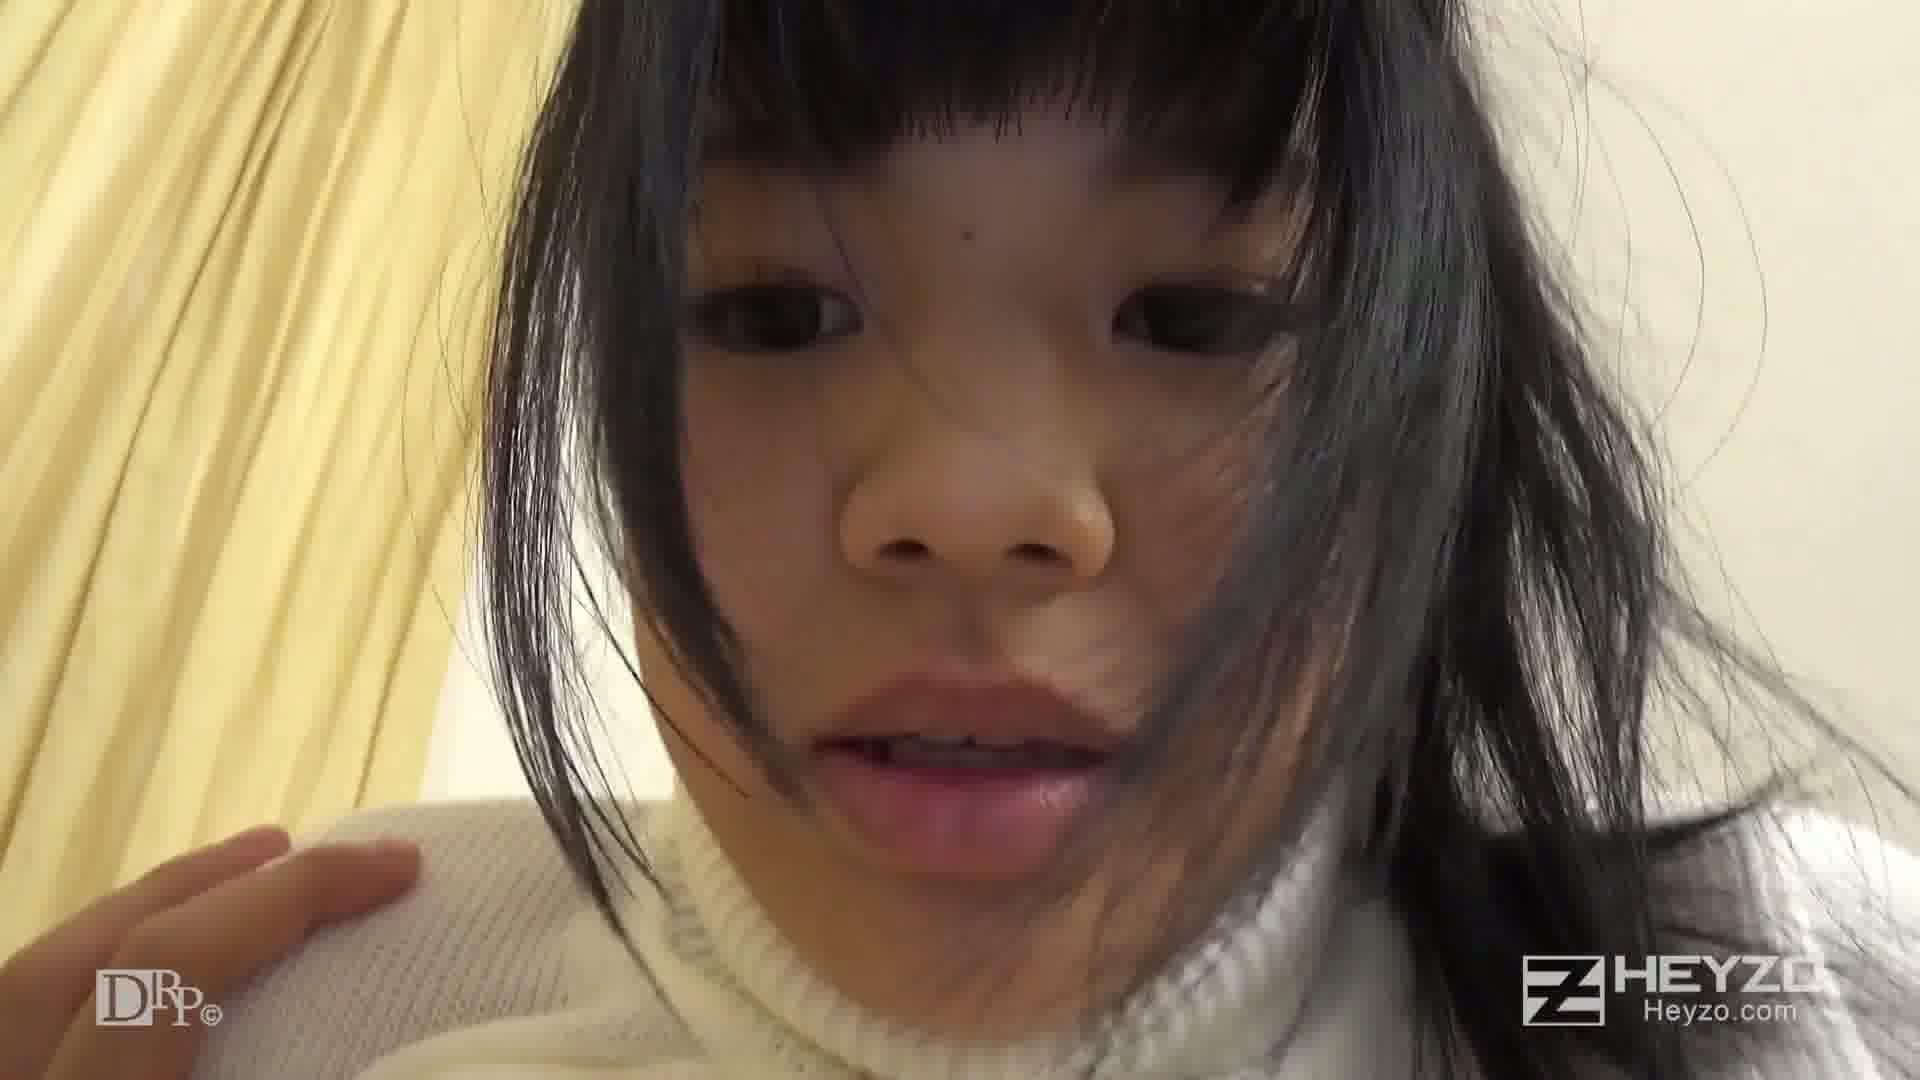 巨乳素人娘にピチめのセーター着せちゃいました! - 綾見ひなの【前戯 指マン パイズリ】